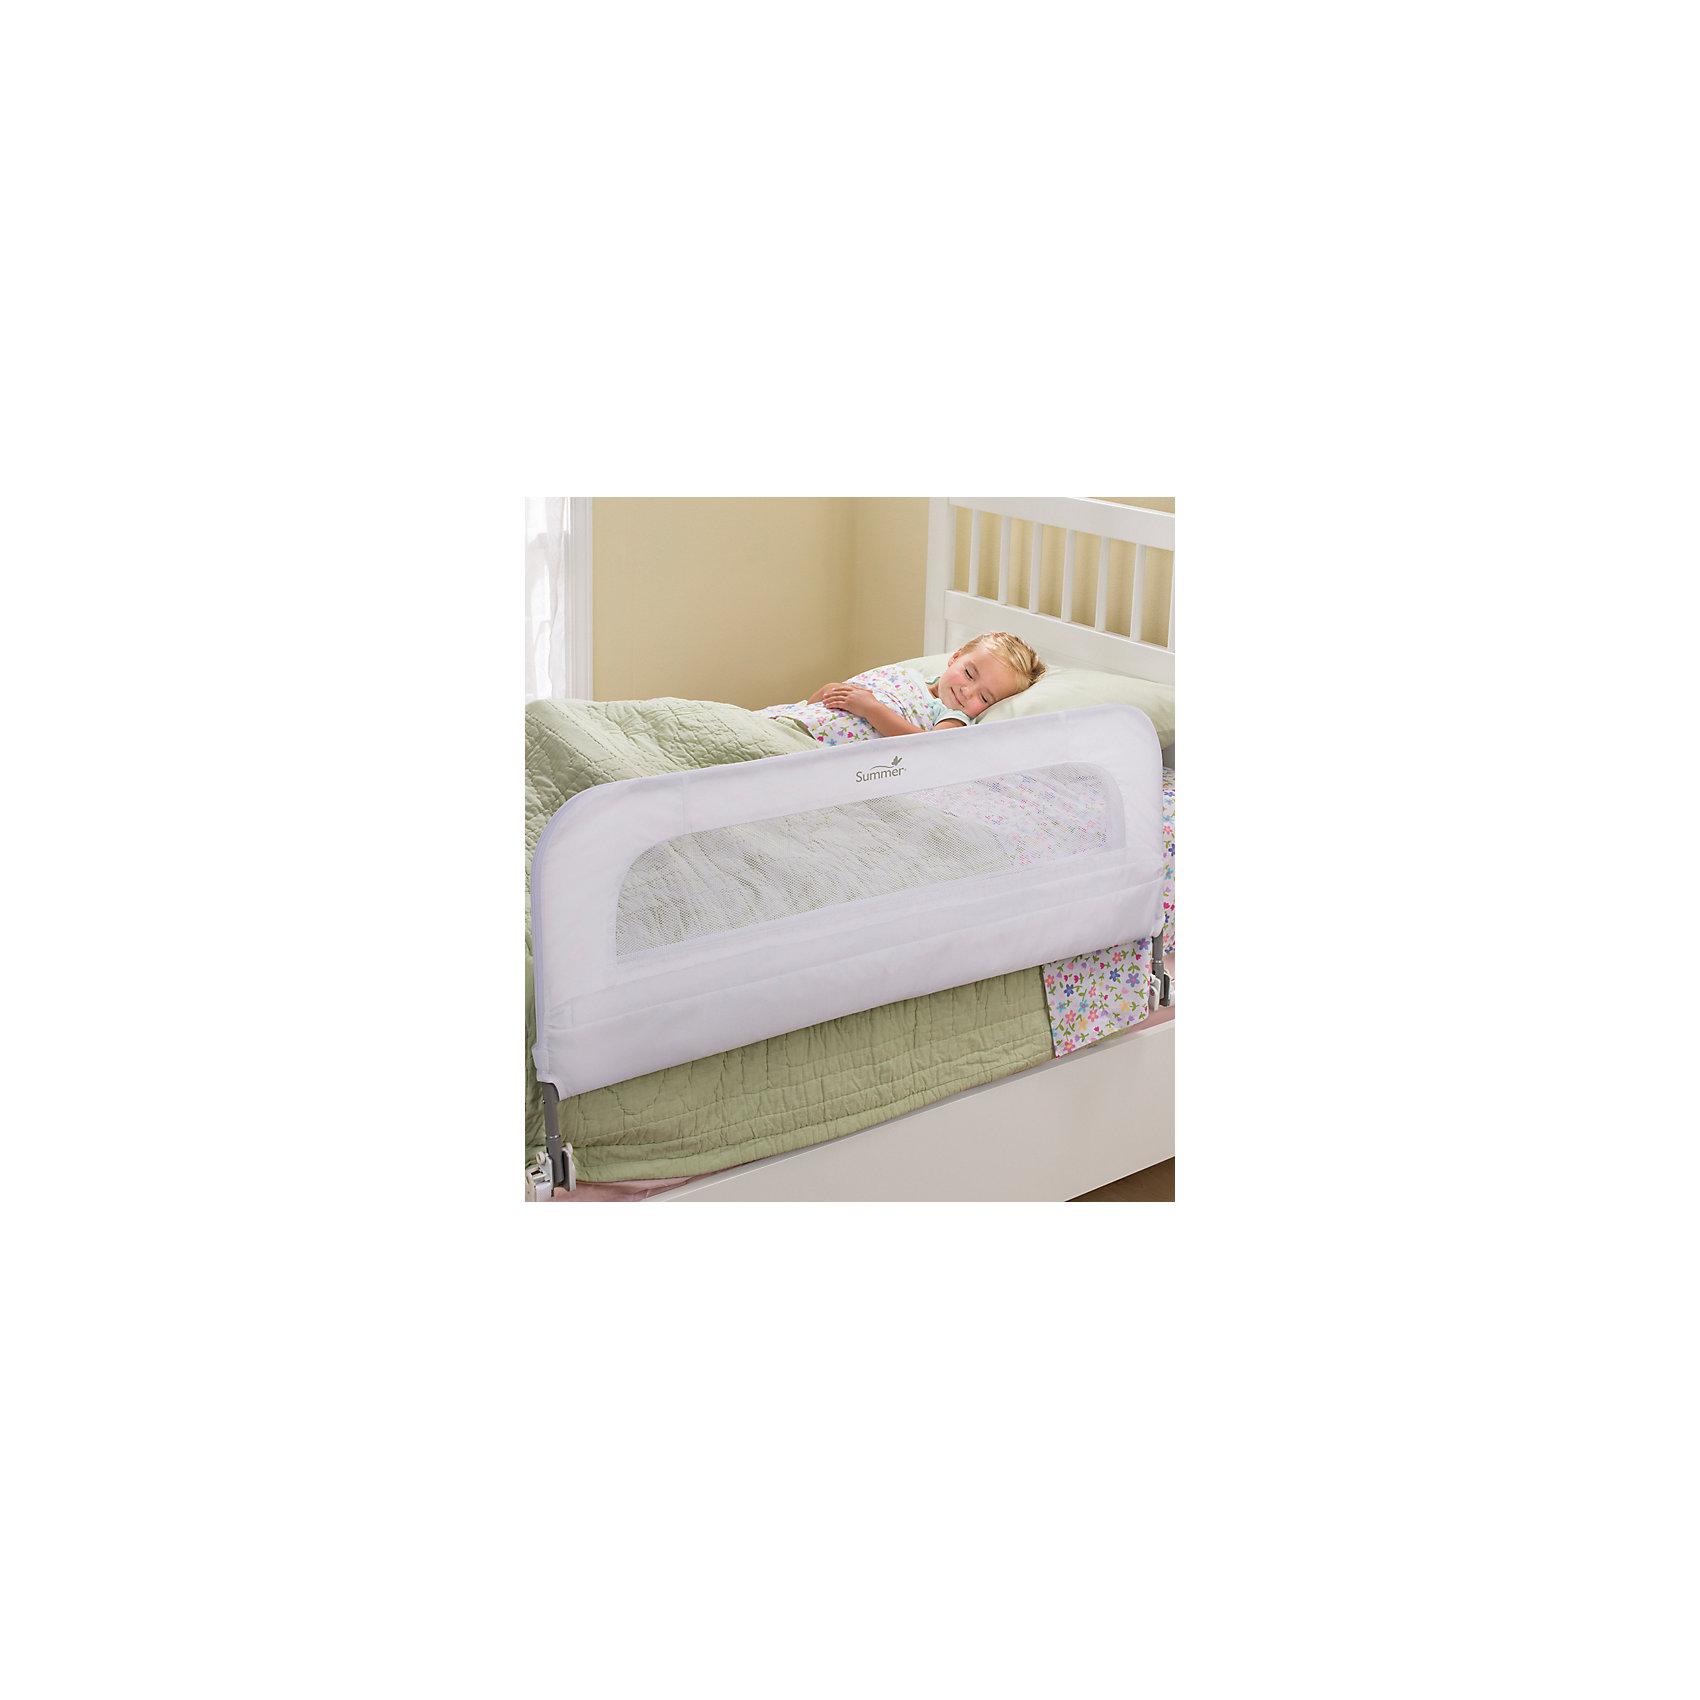 Ограничитель для кровати, Summer Infant, белыйОграничитель для кровати, Summer Infant, обеспечит Вашему малышу комфорт и безопасность при переходе из манежа во взрослую кровать. Простая в использовании конструкция предотвращает сползание ребенка на пол во время сна и гарантирует безопасный и спокойный сон в новой постели. Ограничитель быстро собирается в течение нескольких минут без инструментов. Выполнен из мягкого, но прочного материала, и не имеет деталей, которые могли бы травмировать ребенка. Телескопические крепежные элементы могут регулироваться по длине. При необходимости ограничитель легко складывается вниз для удобного доступа к кровати. Подходит для матрасов с размерами 70-90 х 140-190 см. Соответствует стандартам ASTM. Рекомендовано для детей от 1,5 до 5 лет.<br><br>Дополнительная информация:<br><br>- Цвет: белый.<br>- Материал: металл, пластик, текстиль.<br>- Возраст: 1,5 года - 5 лет.<br>- Размер: 90 х 50 см.<br>- Размер упаковки: 108 х 53,3 х 3,5 см.<br>- Вес: 2,7 кг. <br><br>Ограничитель для кровати, Summer Infant, белый, можно купить в нашем интернет-магазине.<br><br>Ширина мм: 1500<br>Глубина мм: 350<br>Высота мм: 150<br>Вес г: 2700<br>Возраст от месяцев: 24<br>Возраст до месяцев: 60<br>Пол: Унисекс<br>Возраст: Детский<br>SKU: 4722151